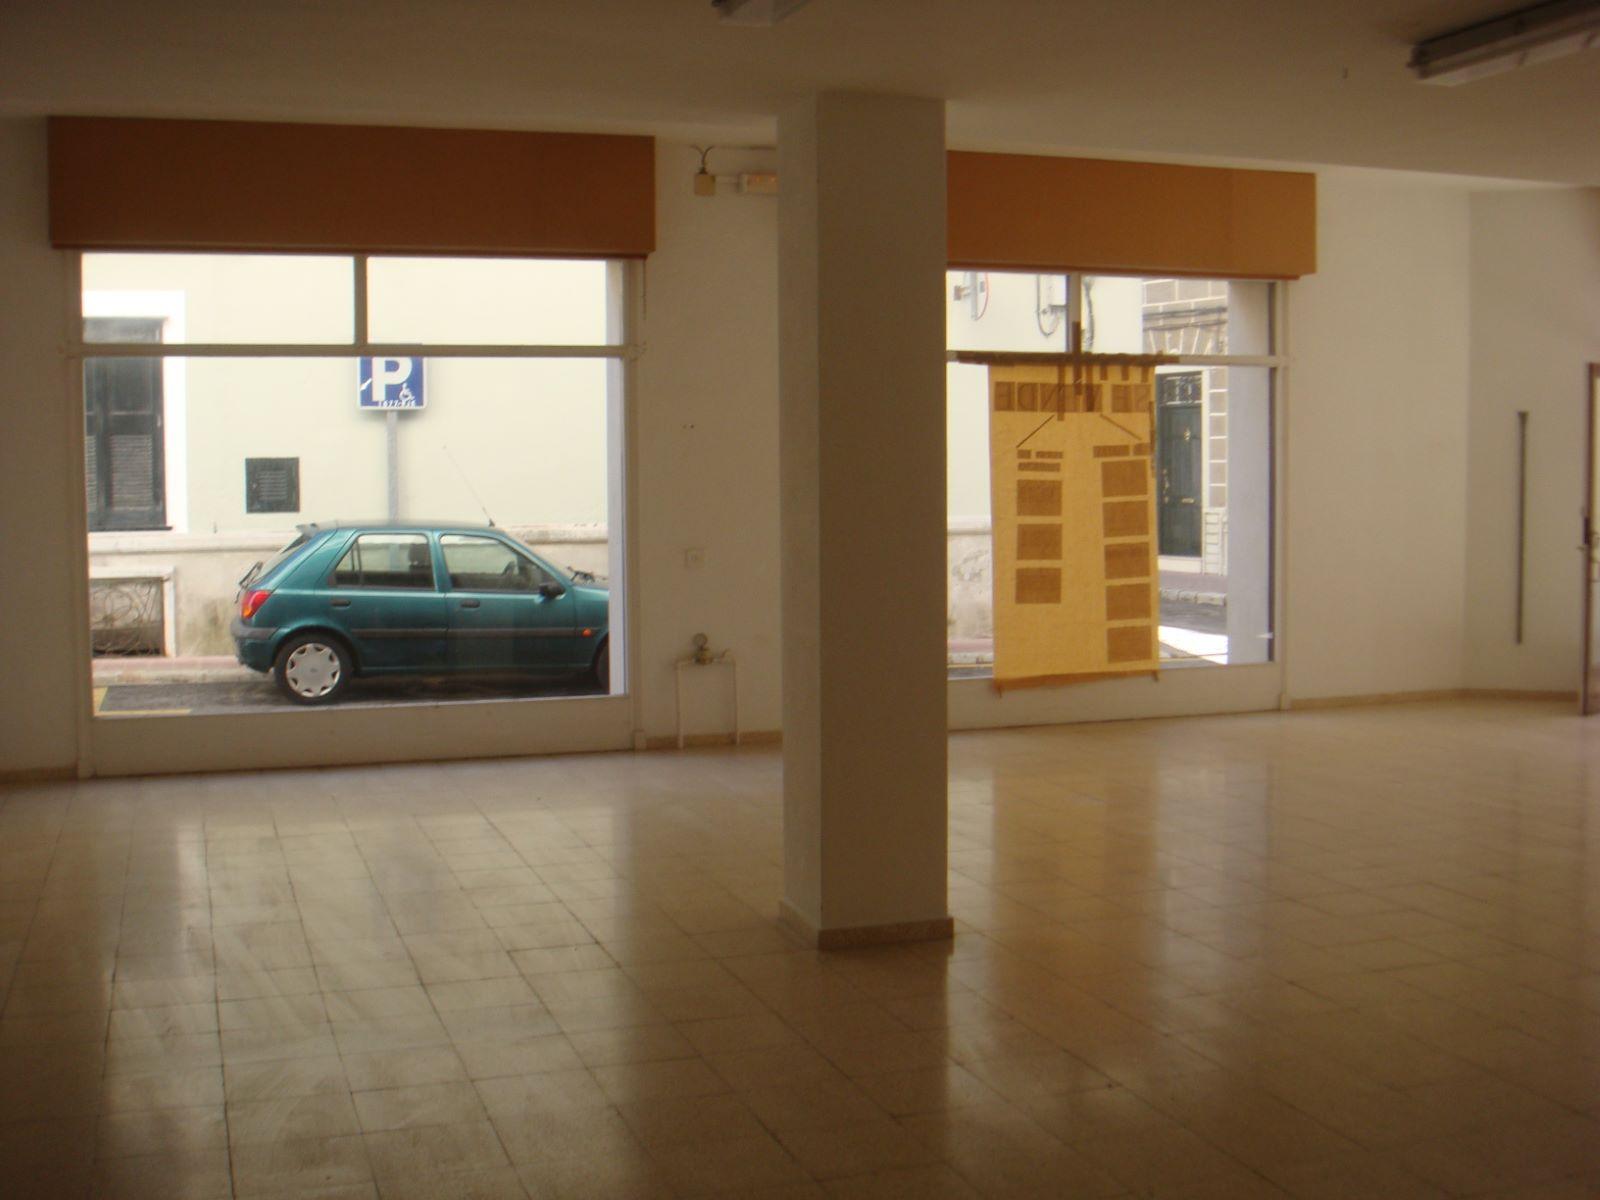 Local comercial en Mahón Ref: V1641 1